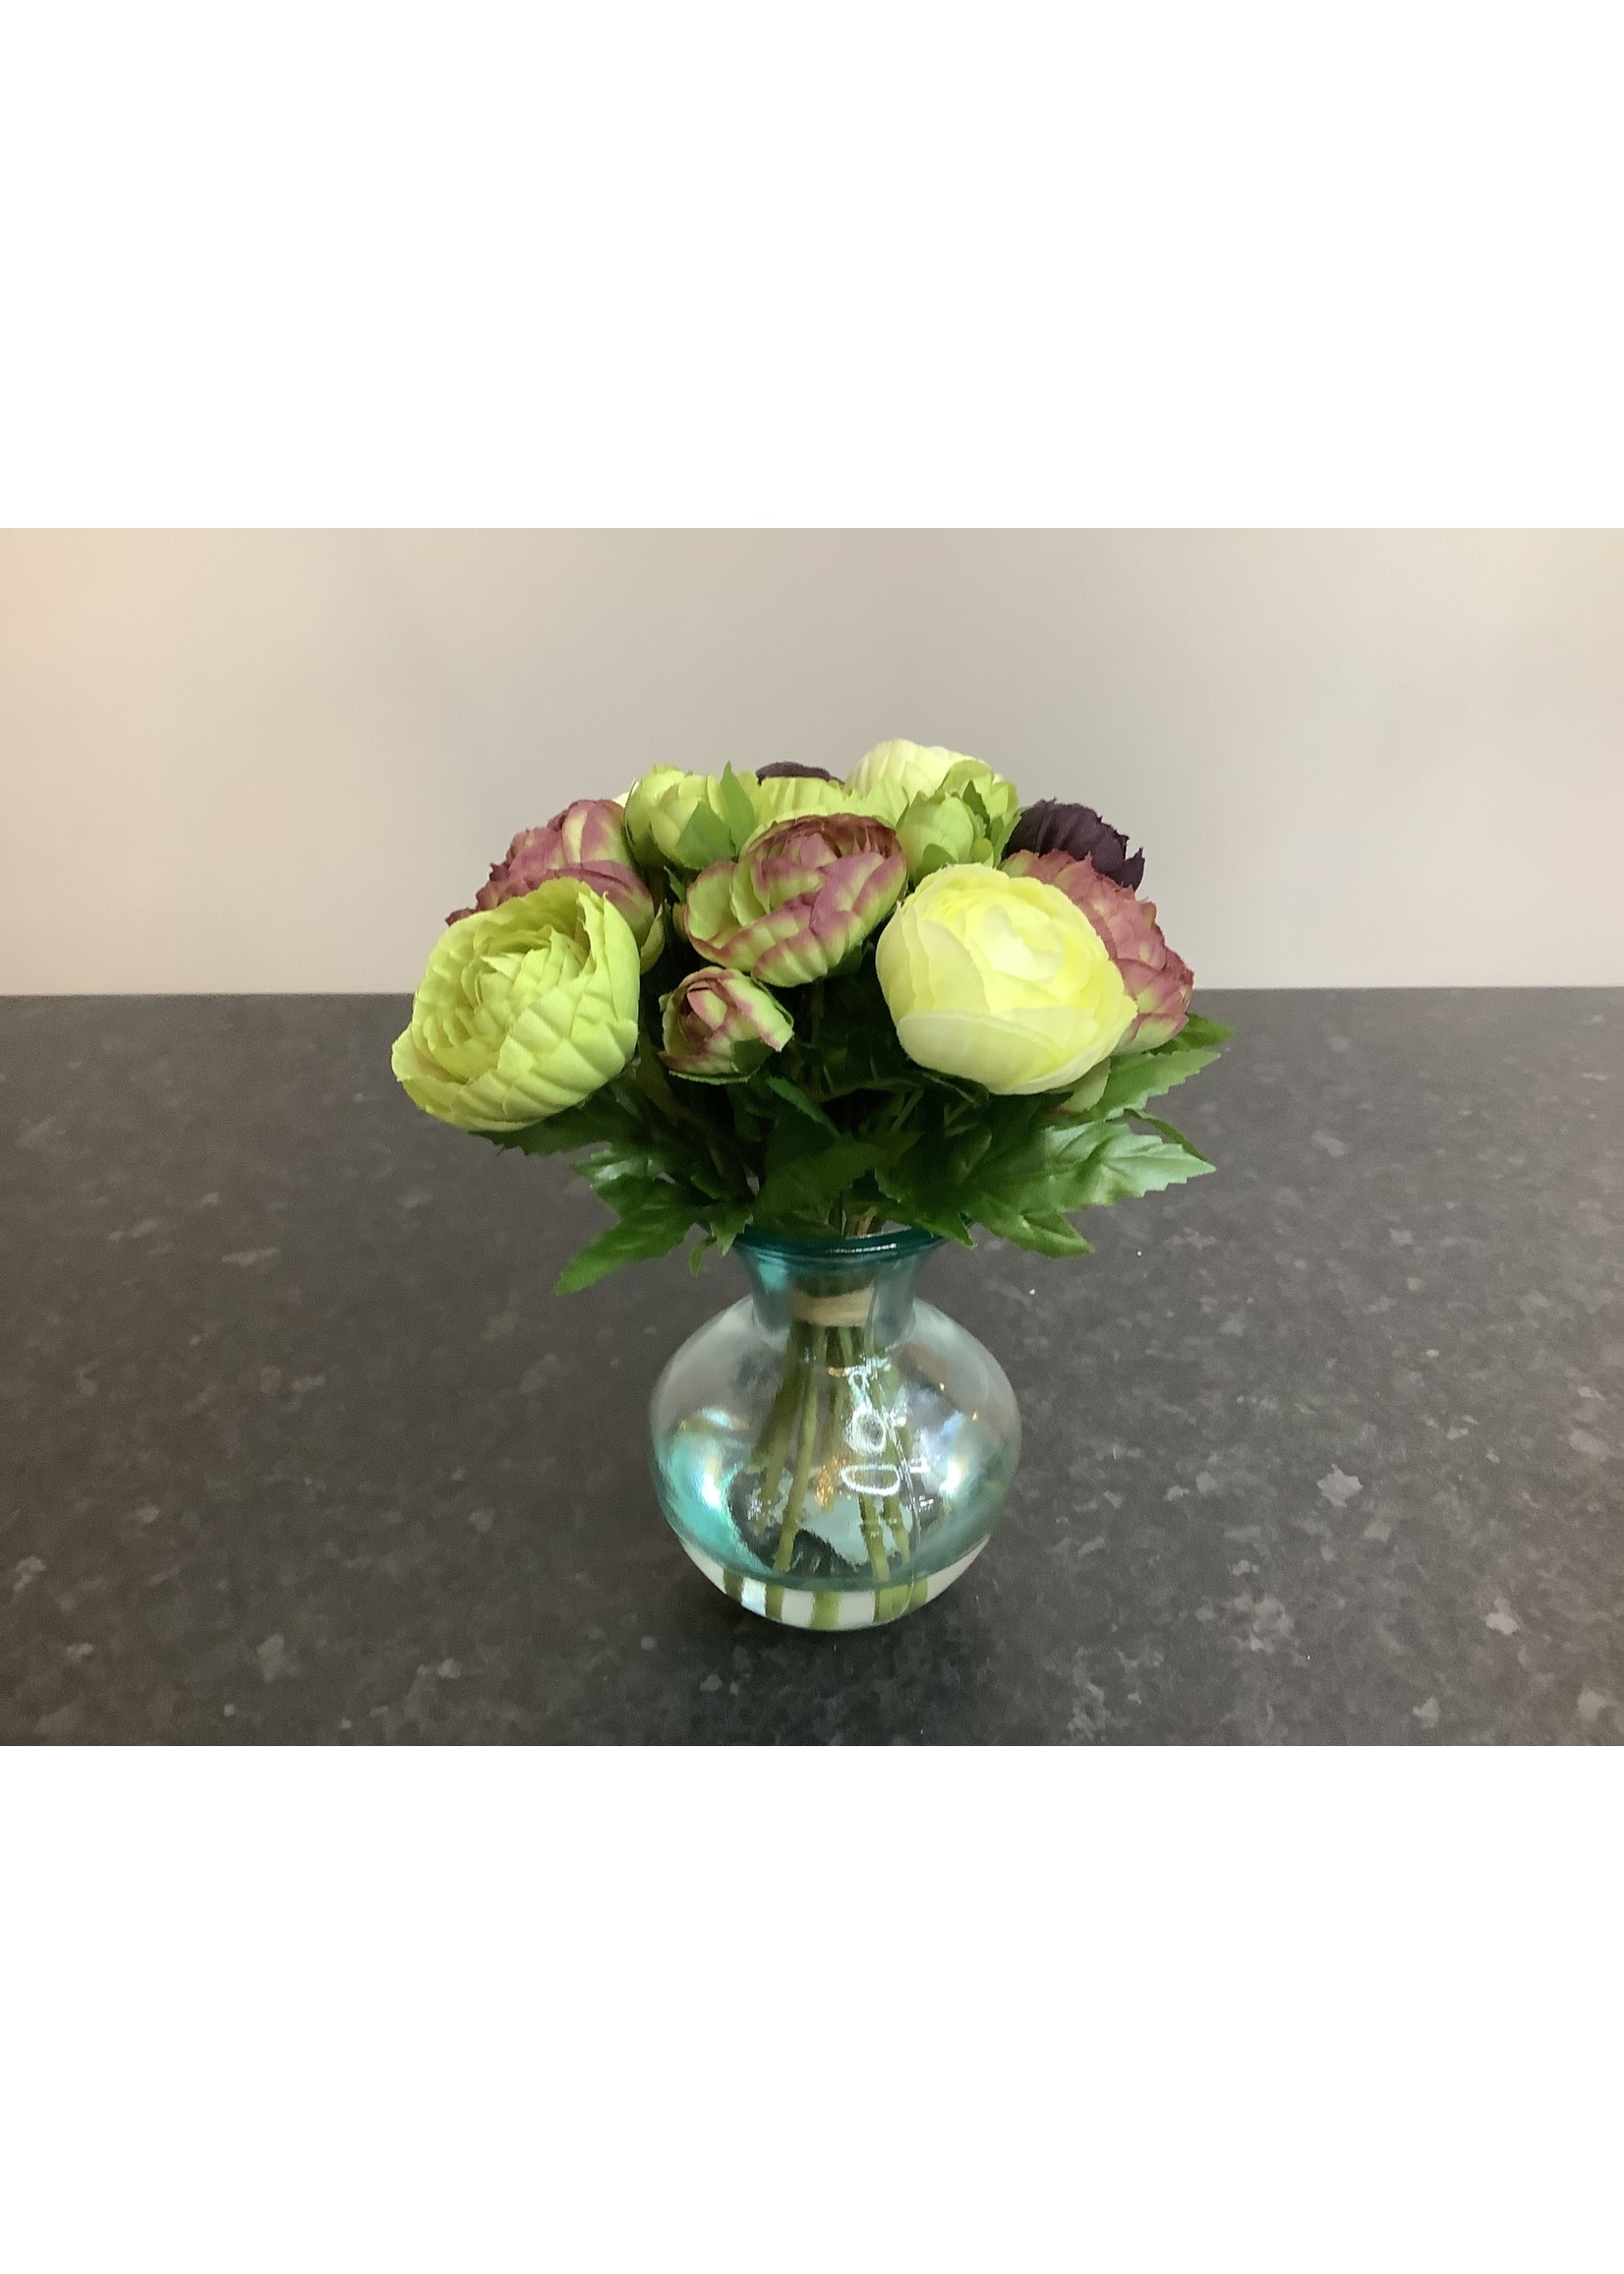 Ranunculus in Bouquet vase 23cm tall